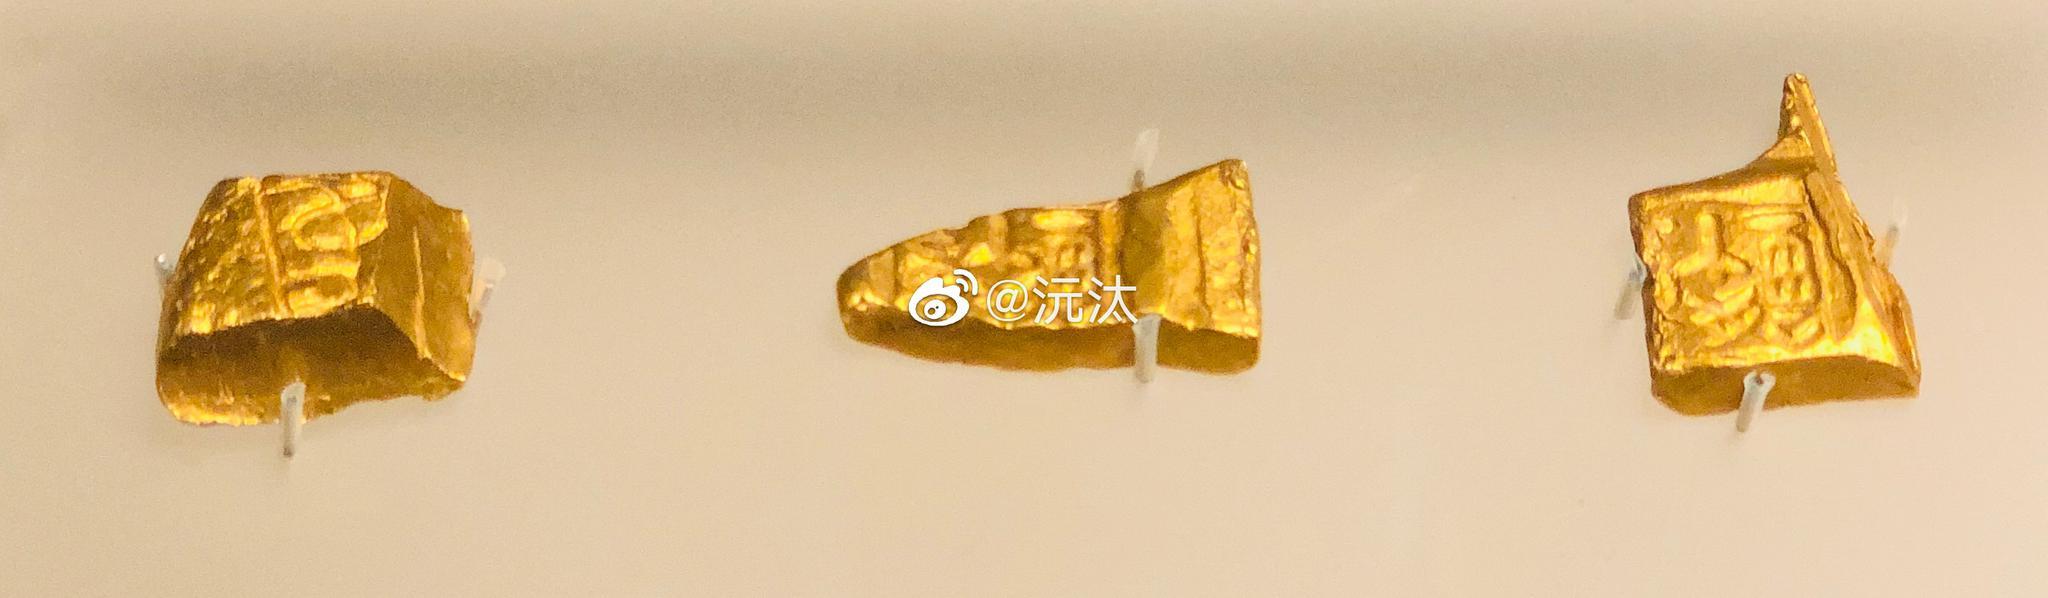 黄金  1,战国楚国郢呈2,汉代马蹄金3,南宋金锭